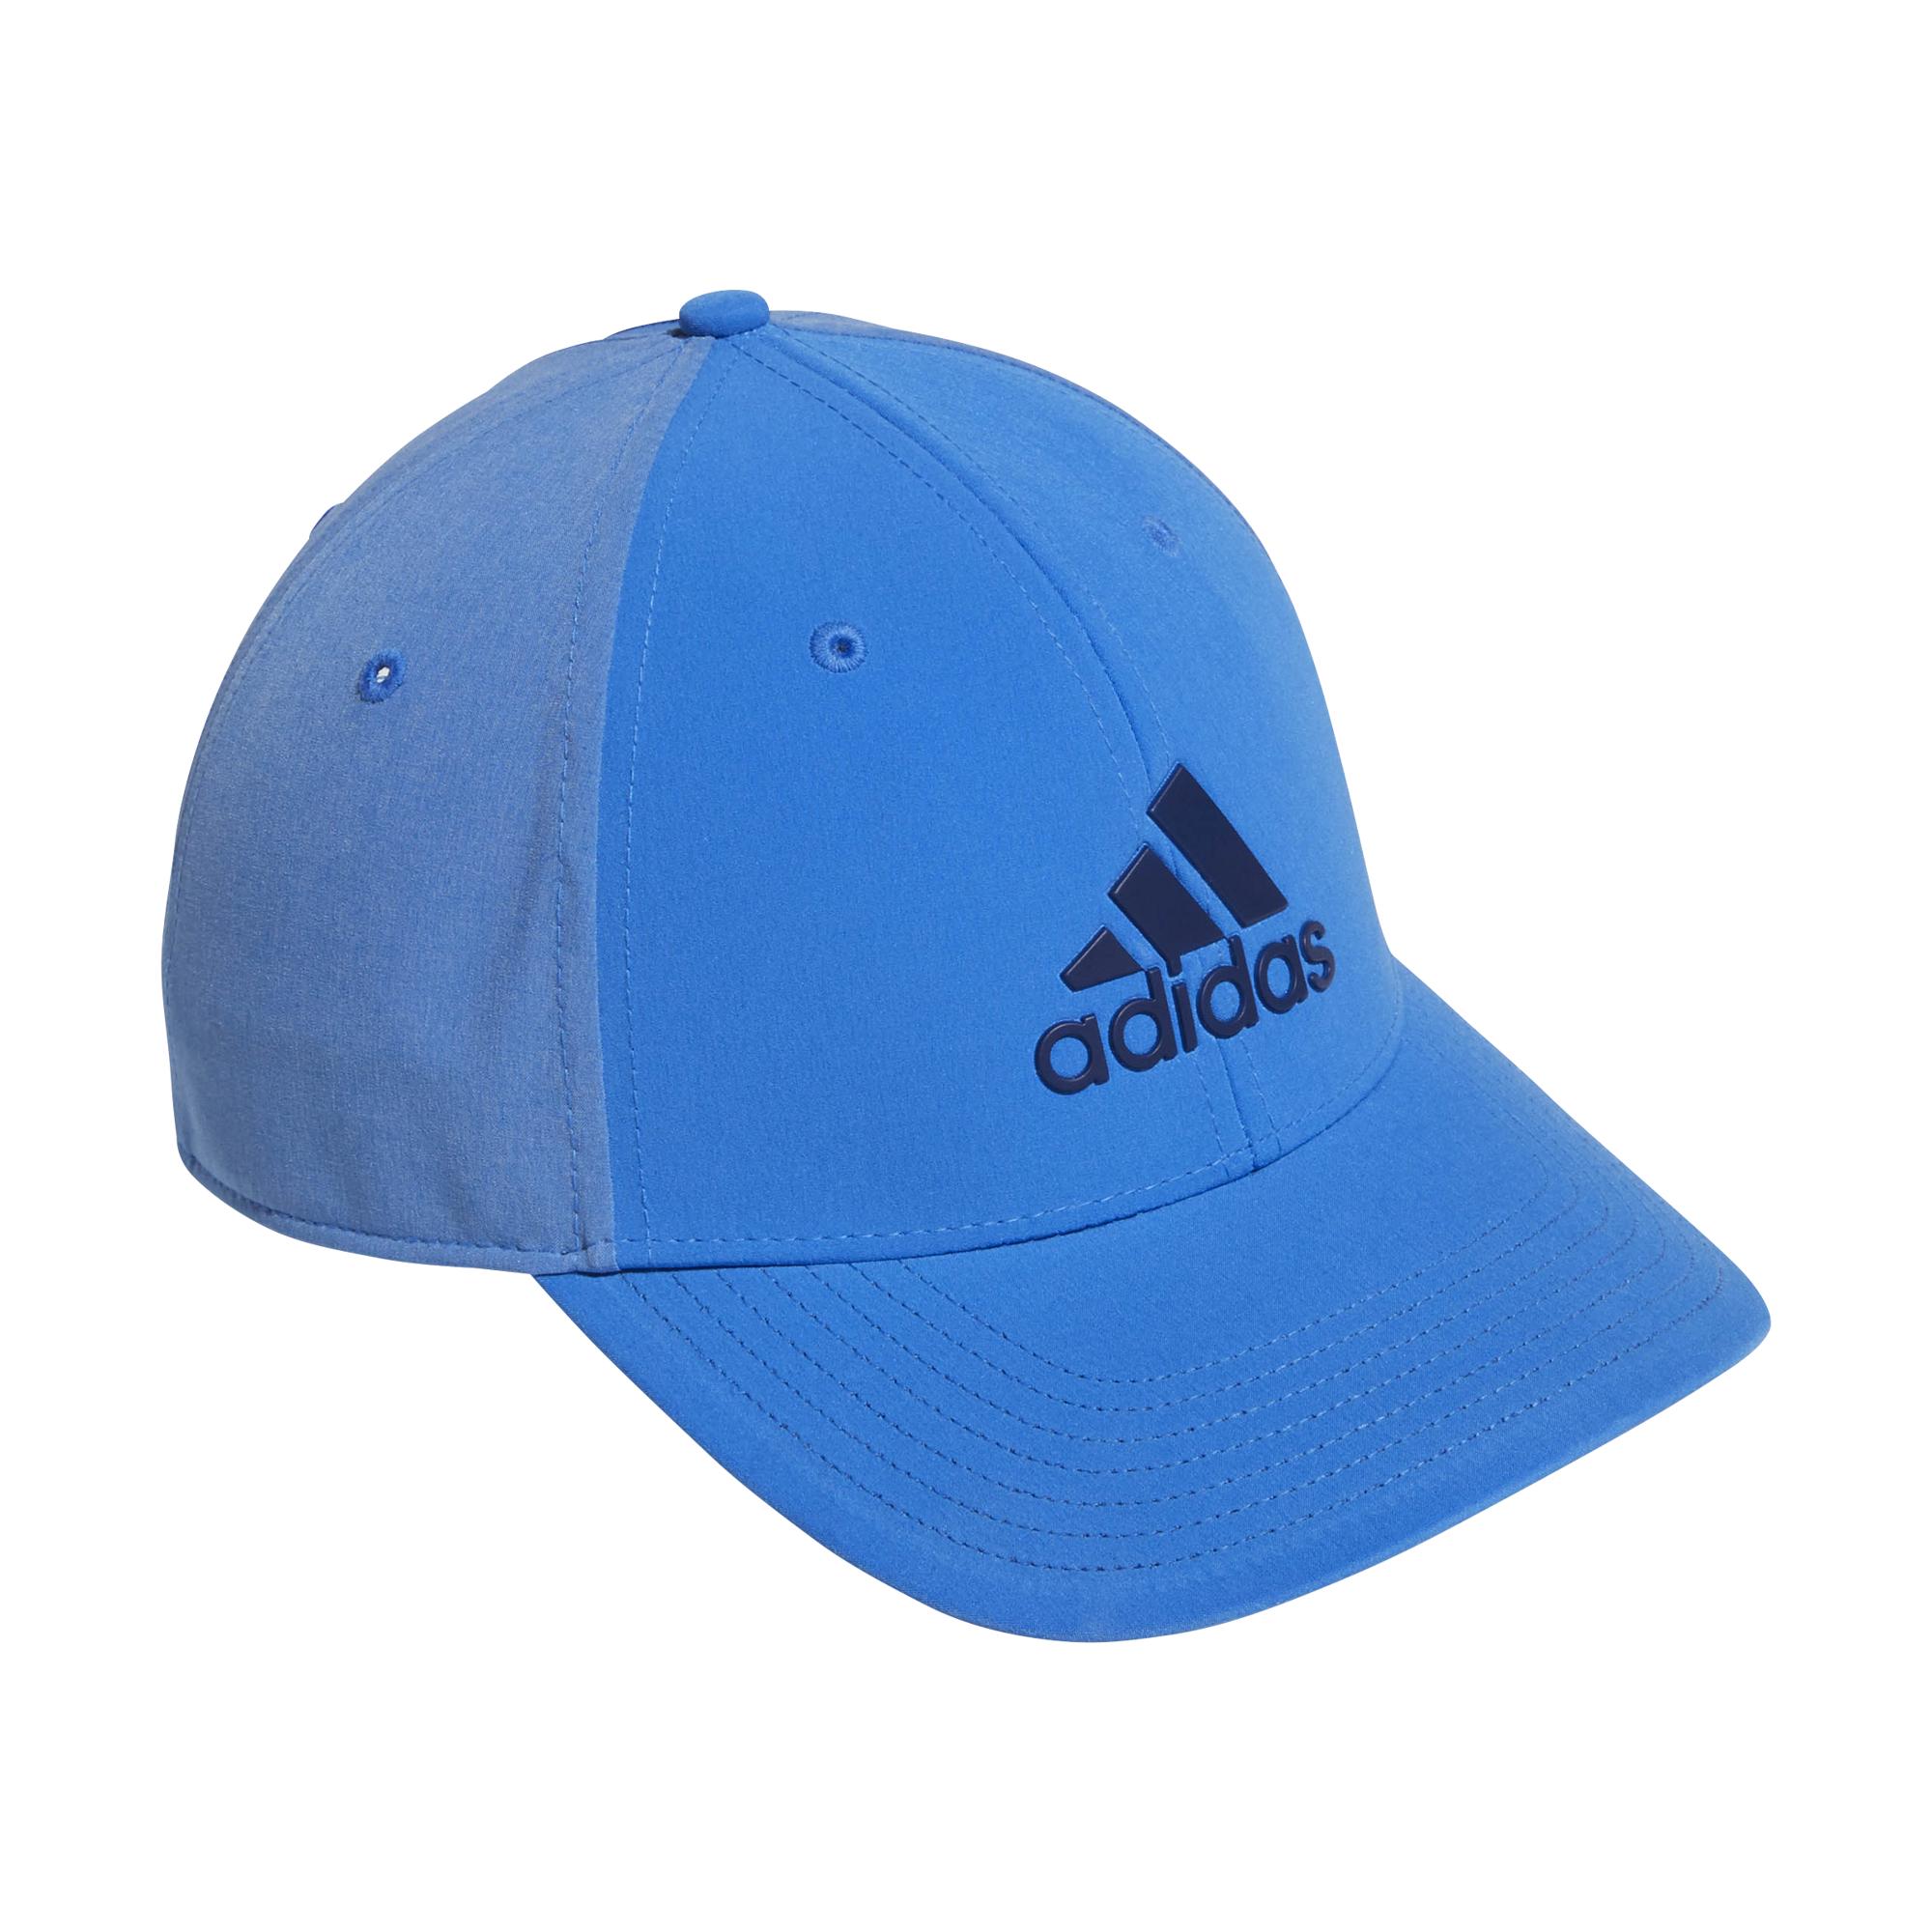 adidas headwear